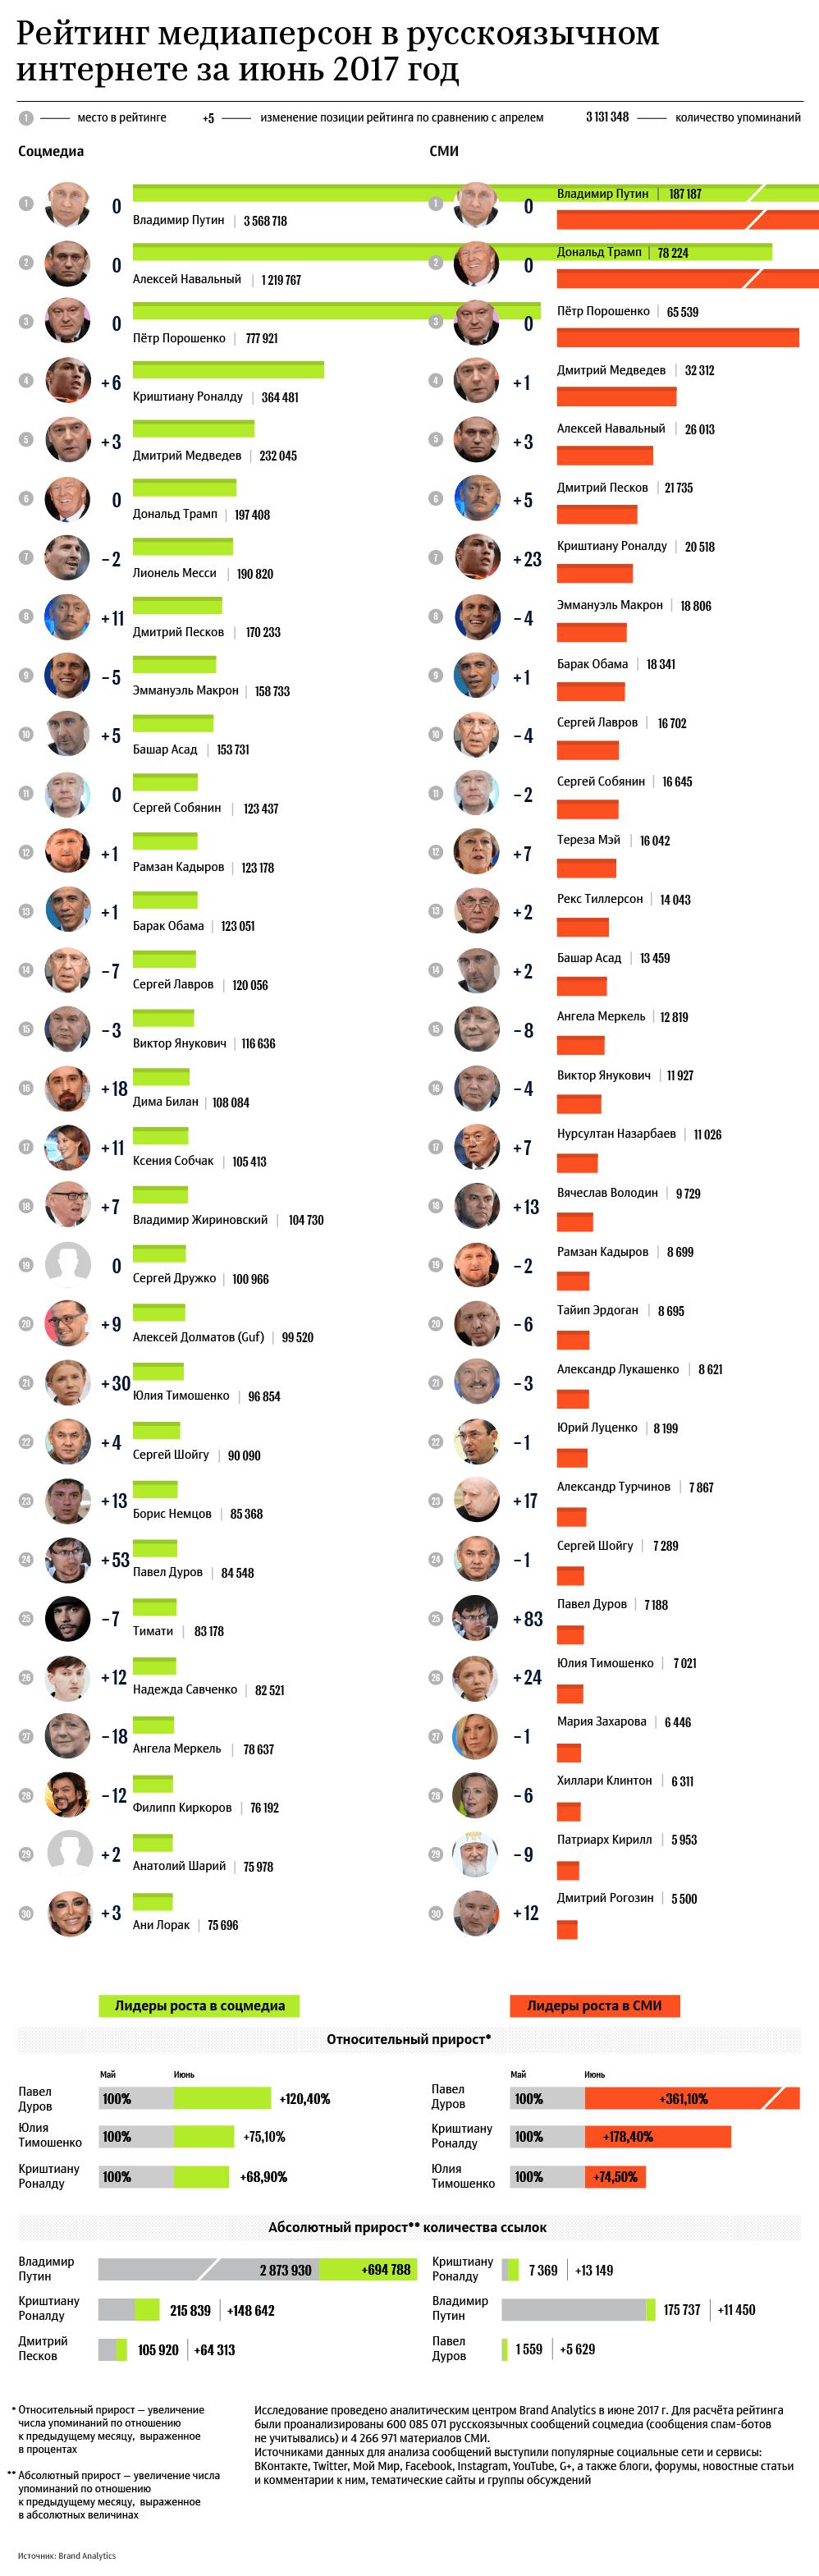 Персоны Рунета июнь 2017